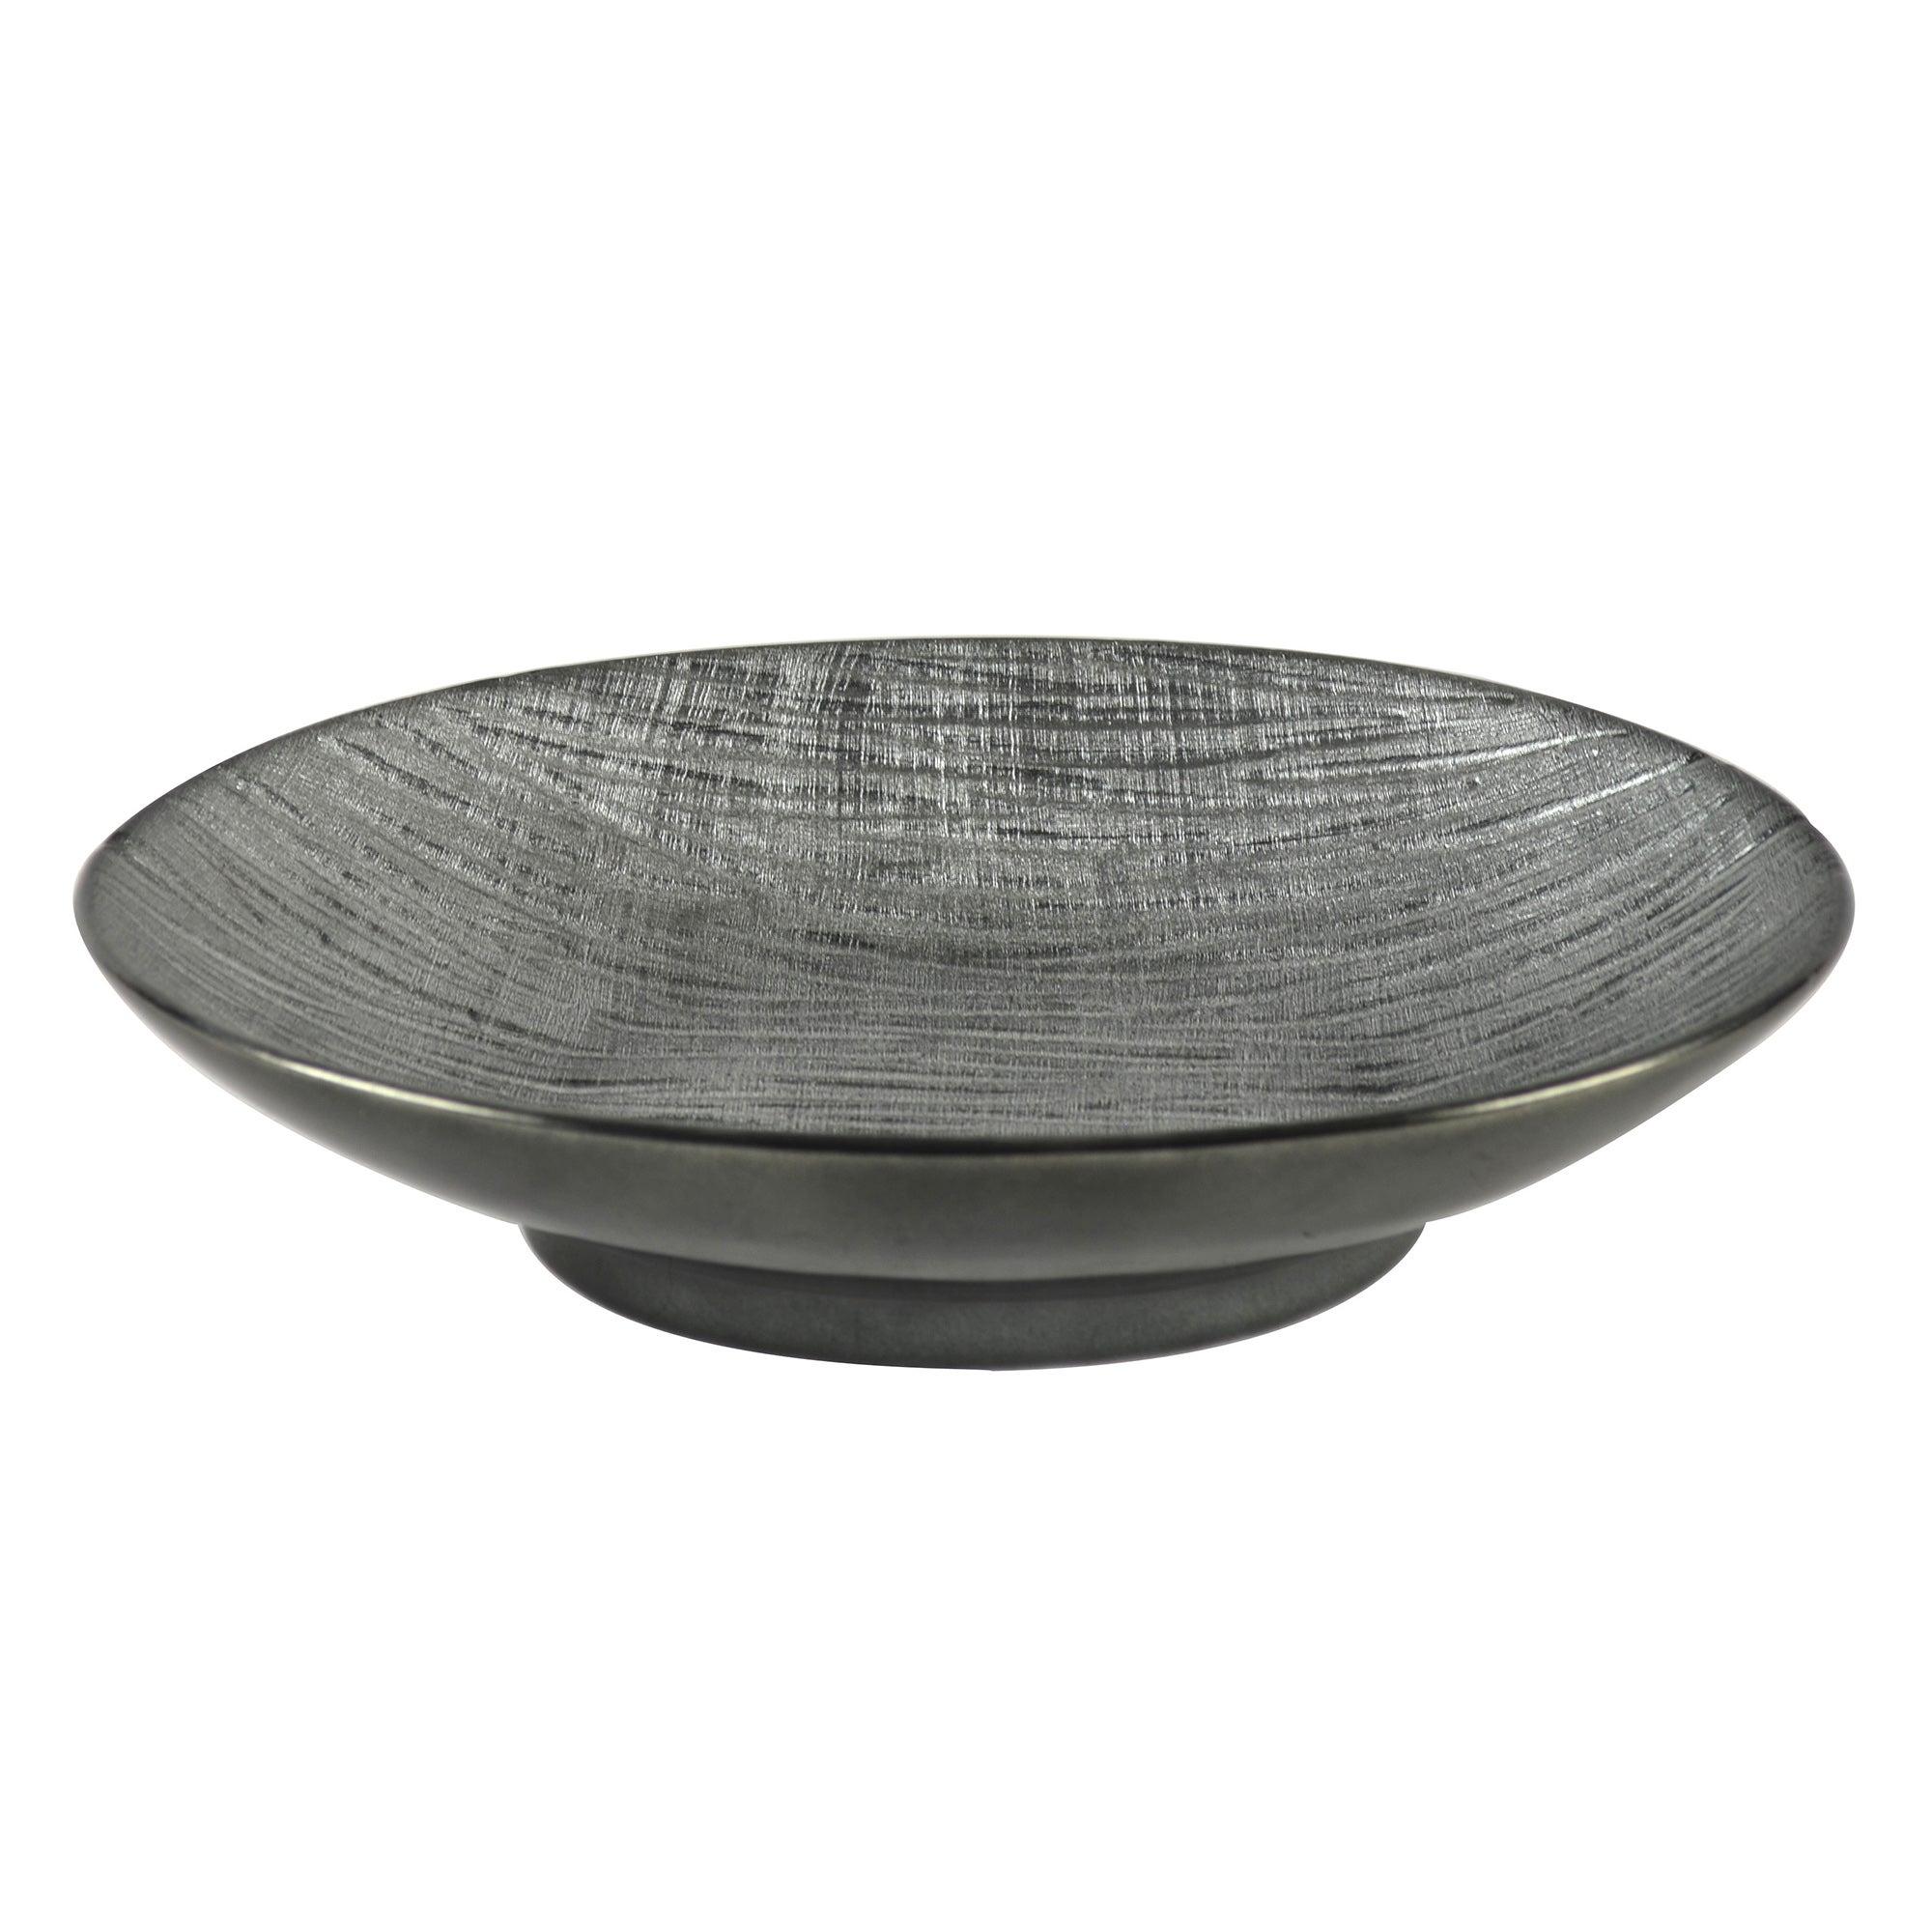 Photo of Metallic grey ceramic ridged bowl silver grey